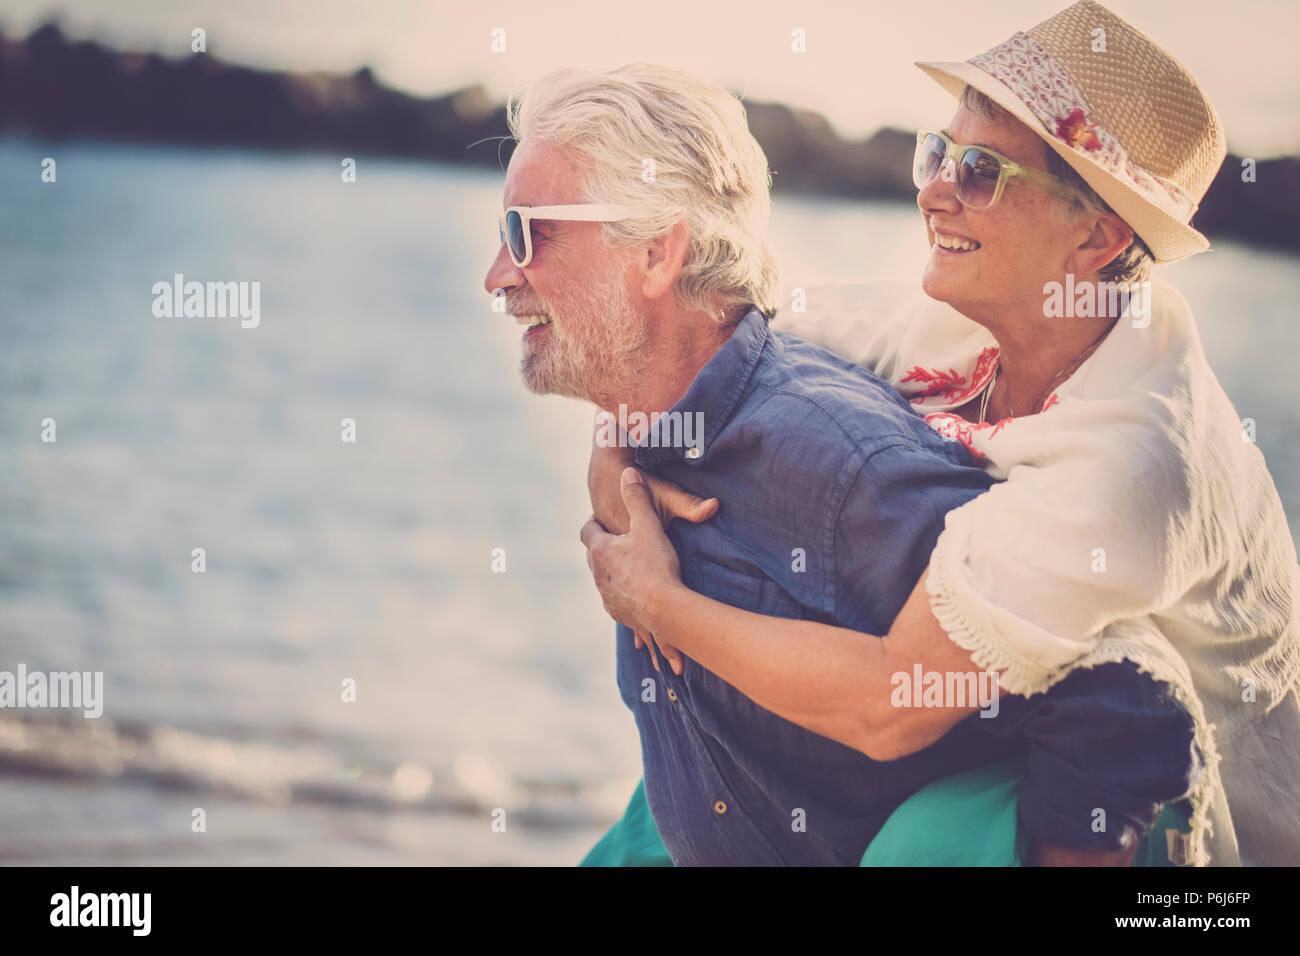 Felice coppia senior divertirsi e godersi l'esterno le attività del tempo libero in spiaggia. l'uomo portare la donna sulla schiena per godere insieme un pensionato lifestyl Foto Stock